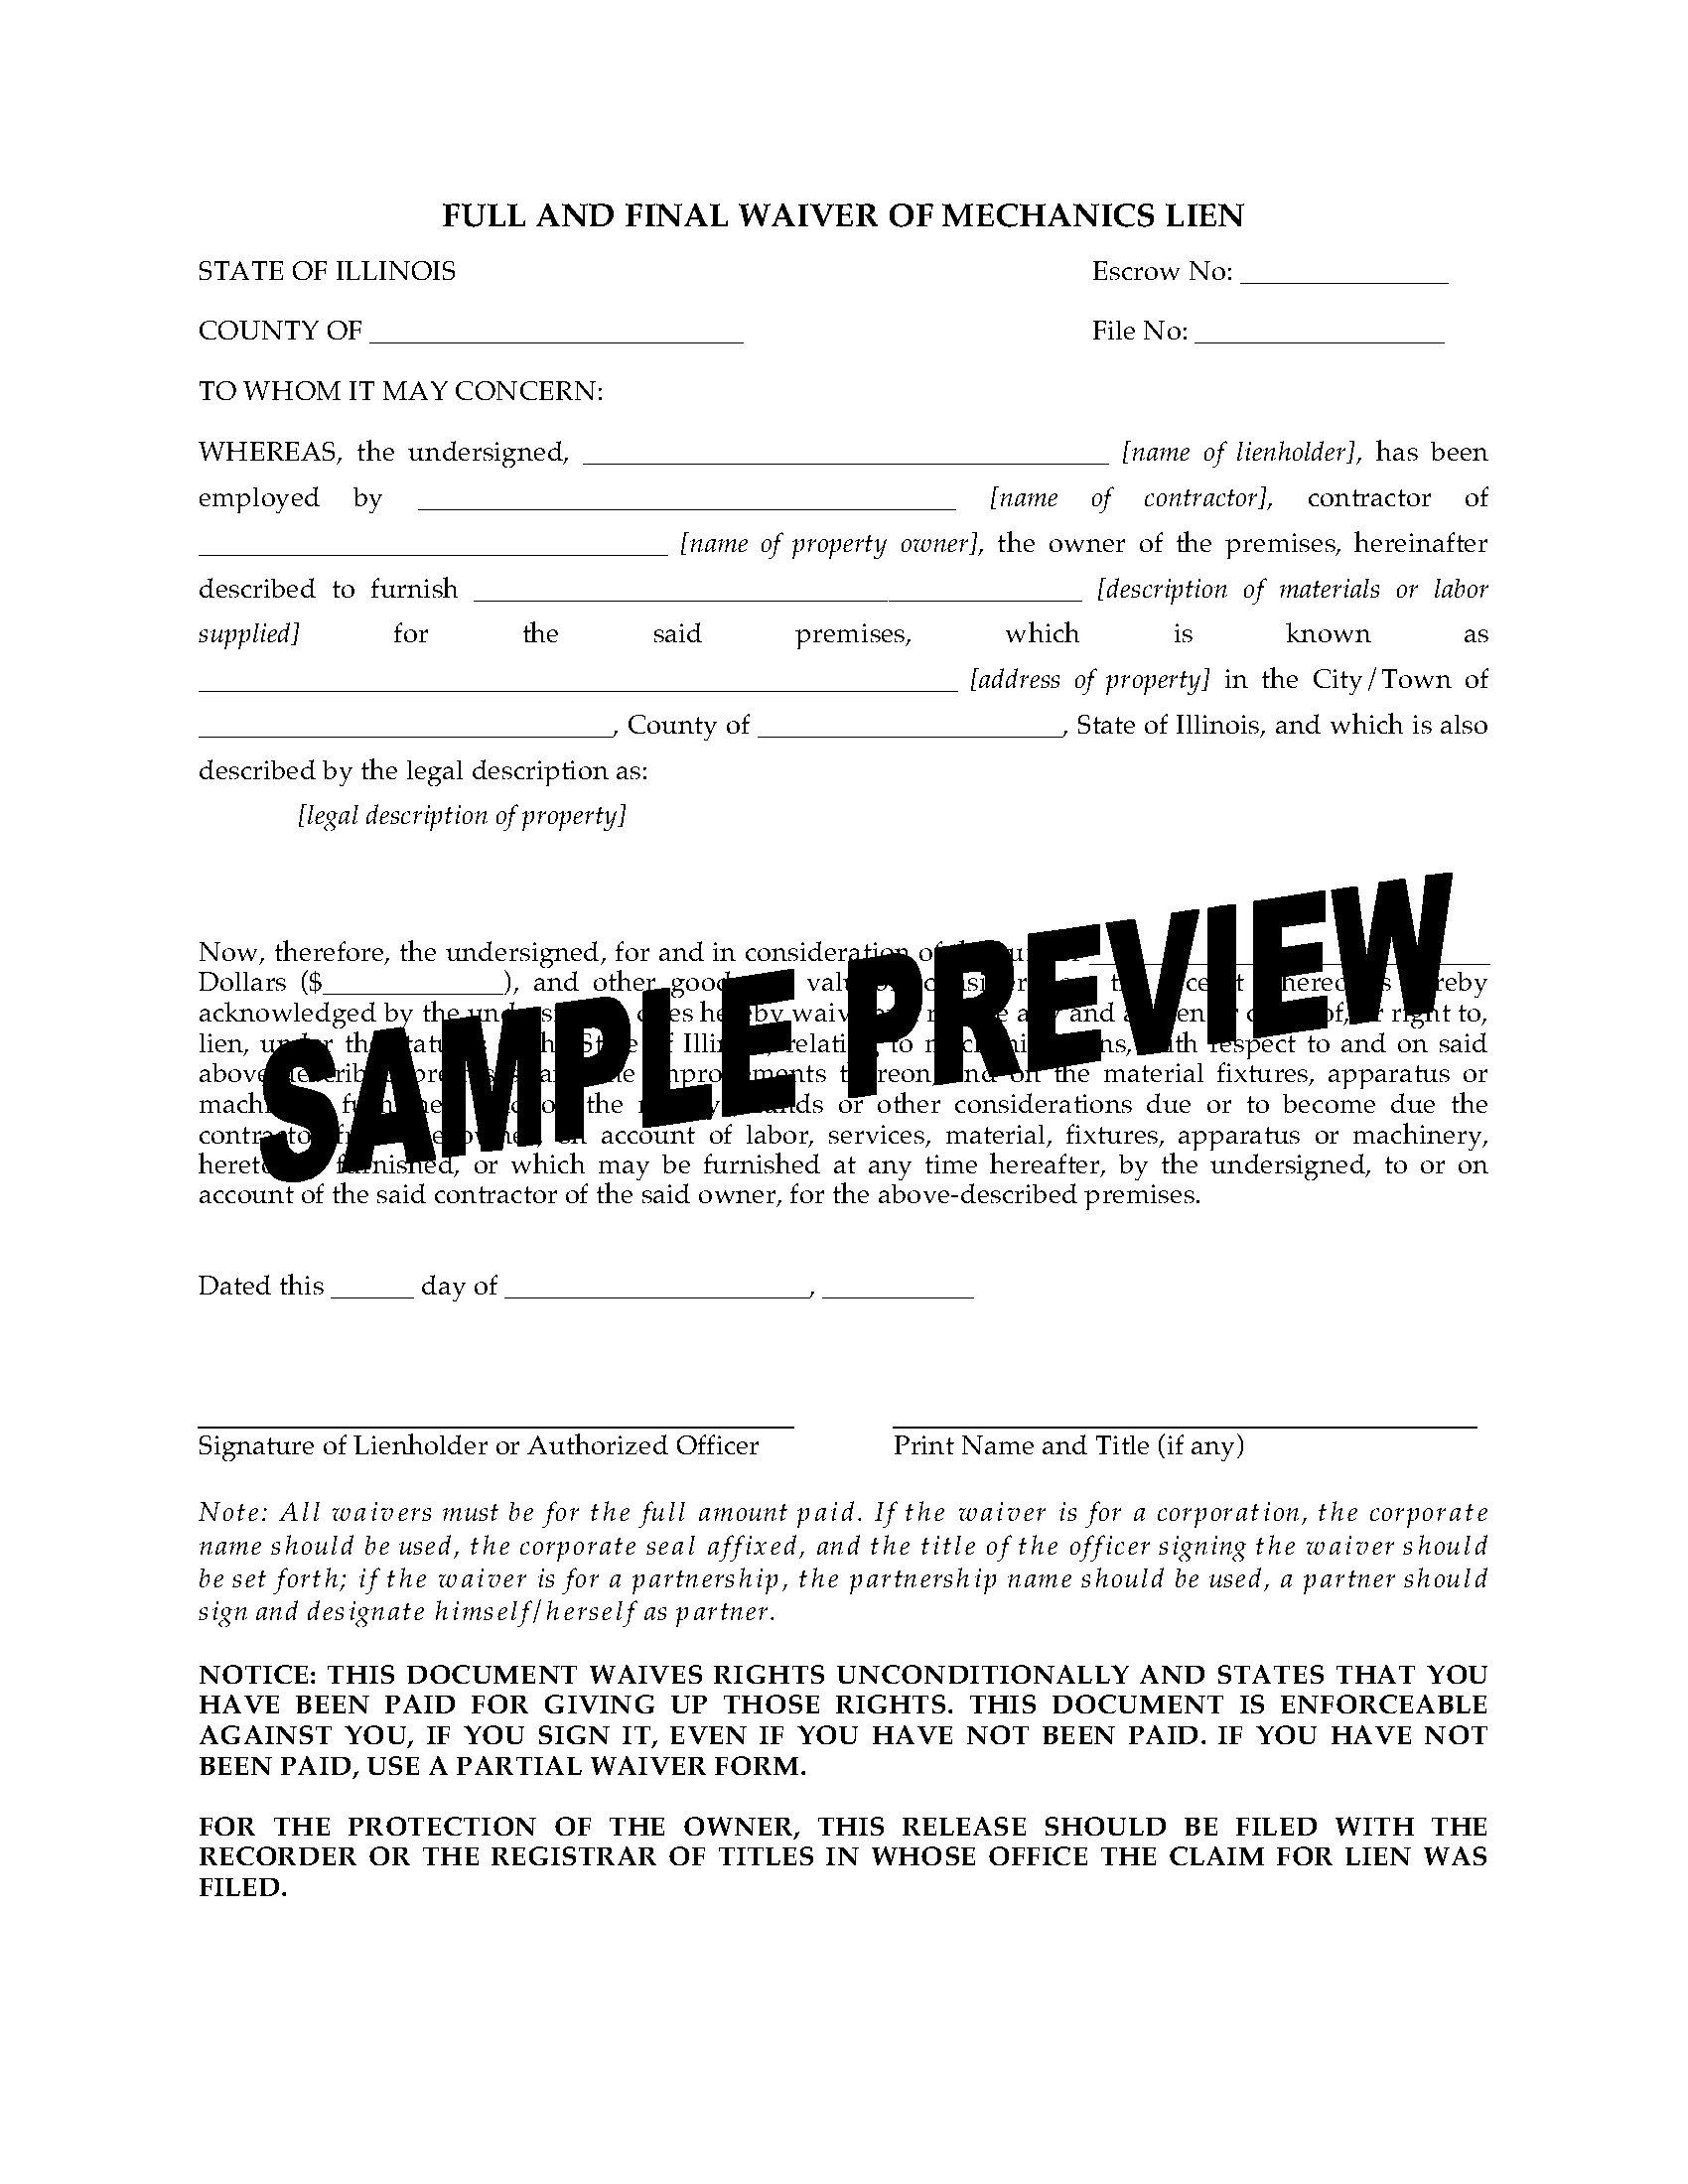 Lien release form nj mersnoforum lien release form nj altavistaventures Images